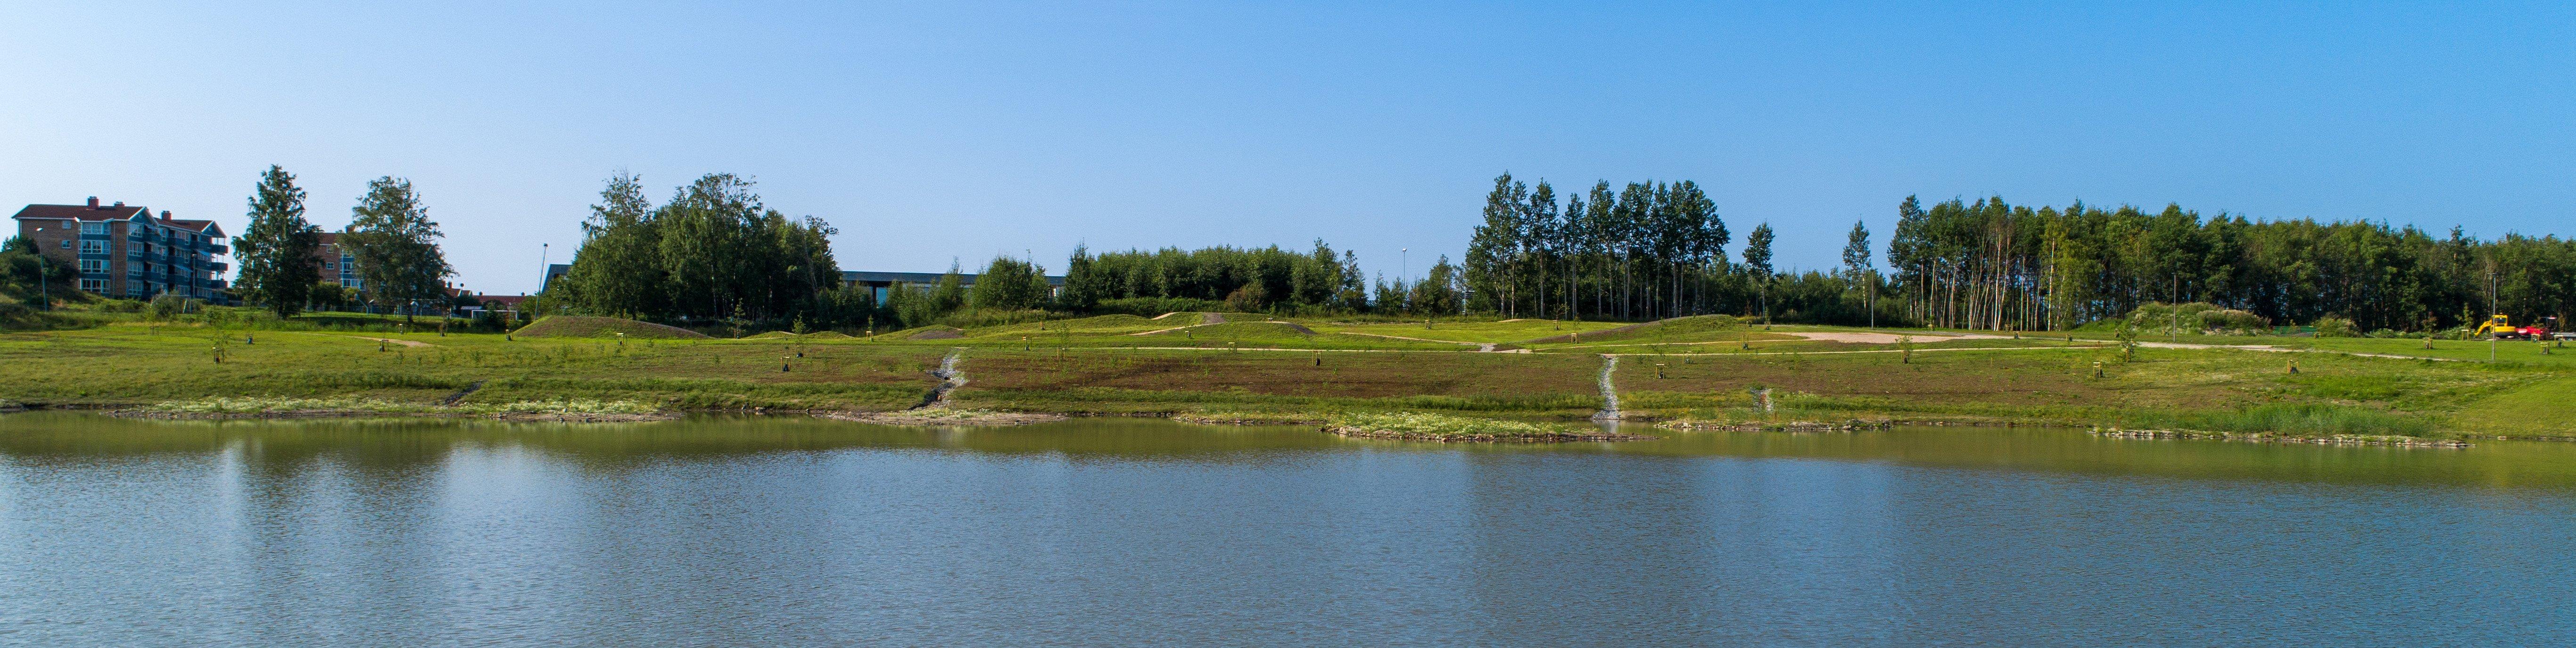 Syd siden av dammen.jpg_